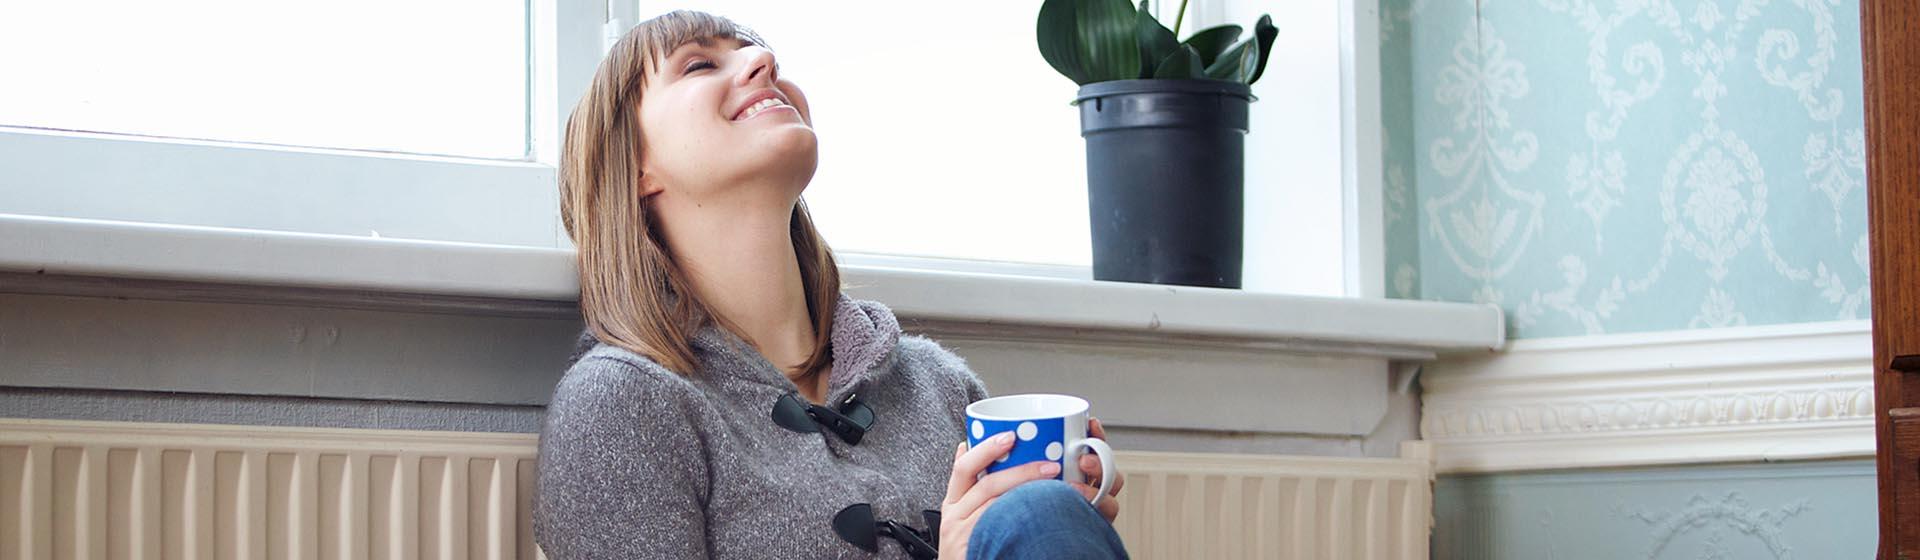 Je huis verwarmen, gezellig of gezond?